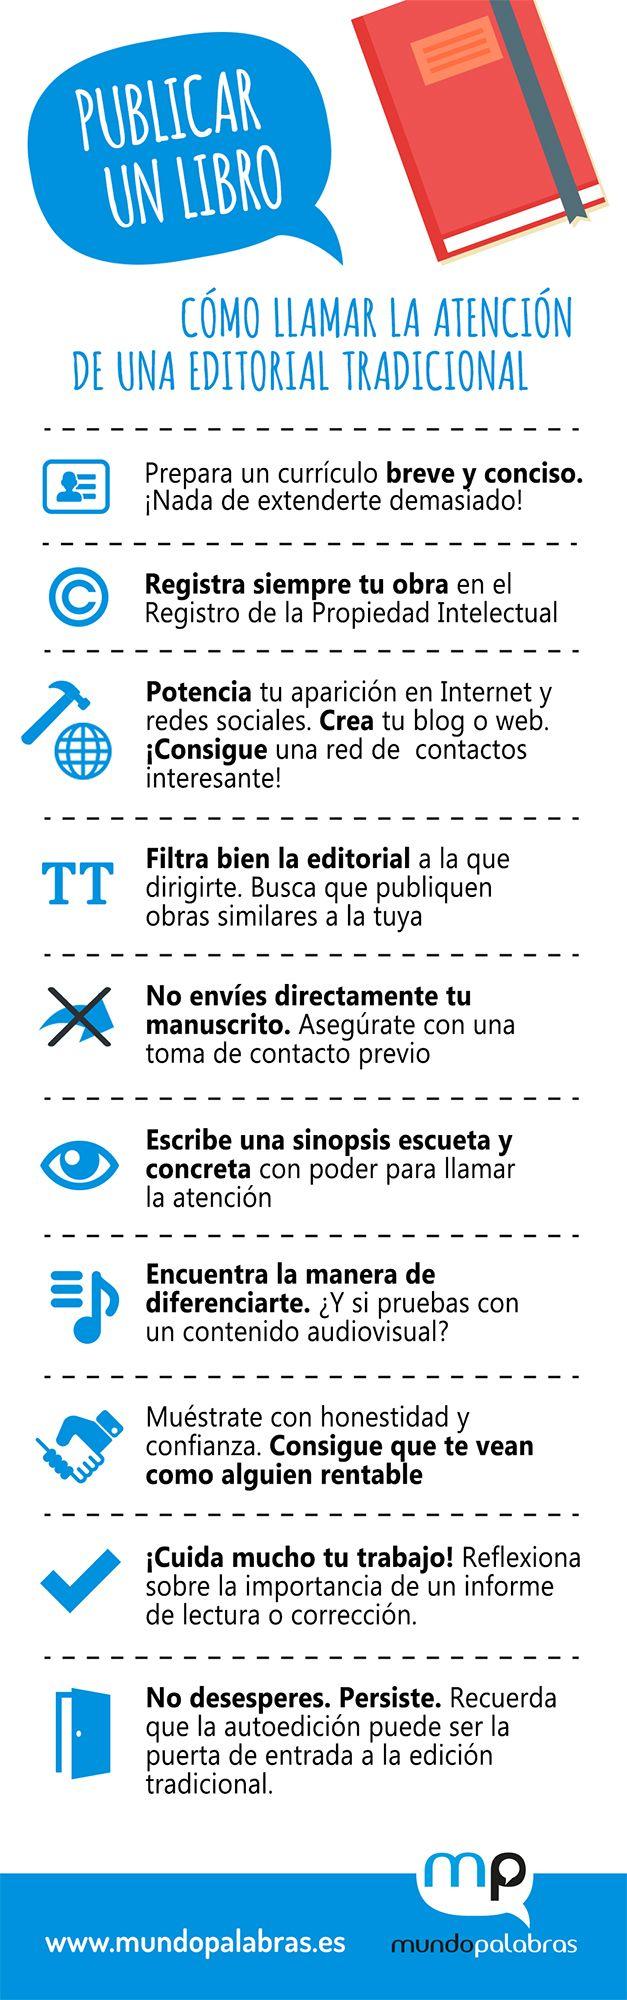 Amplía información sobre este tema leyendo el artículo:  http://www.mundopalabras.es/blog/publicar-un-libro-editorial-tradicional/.